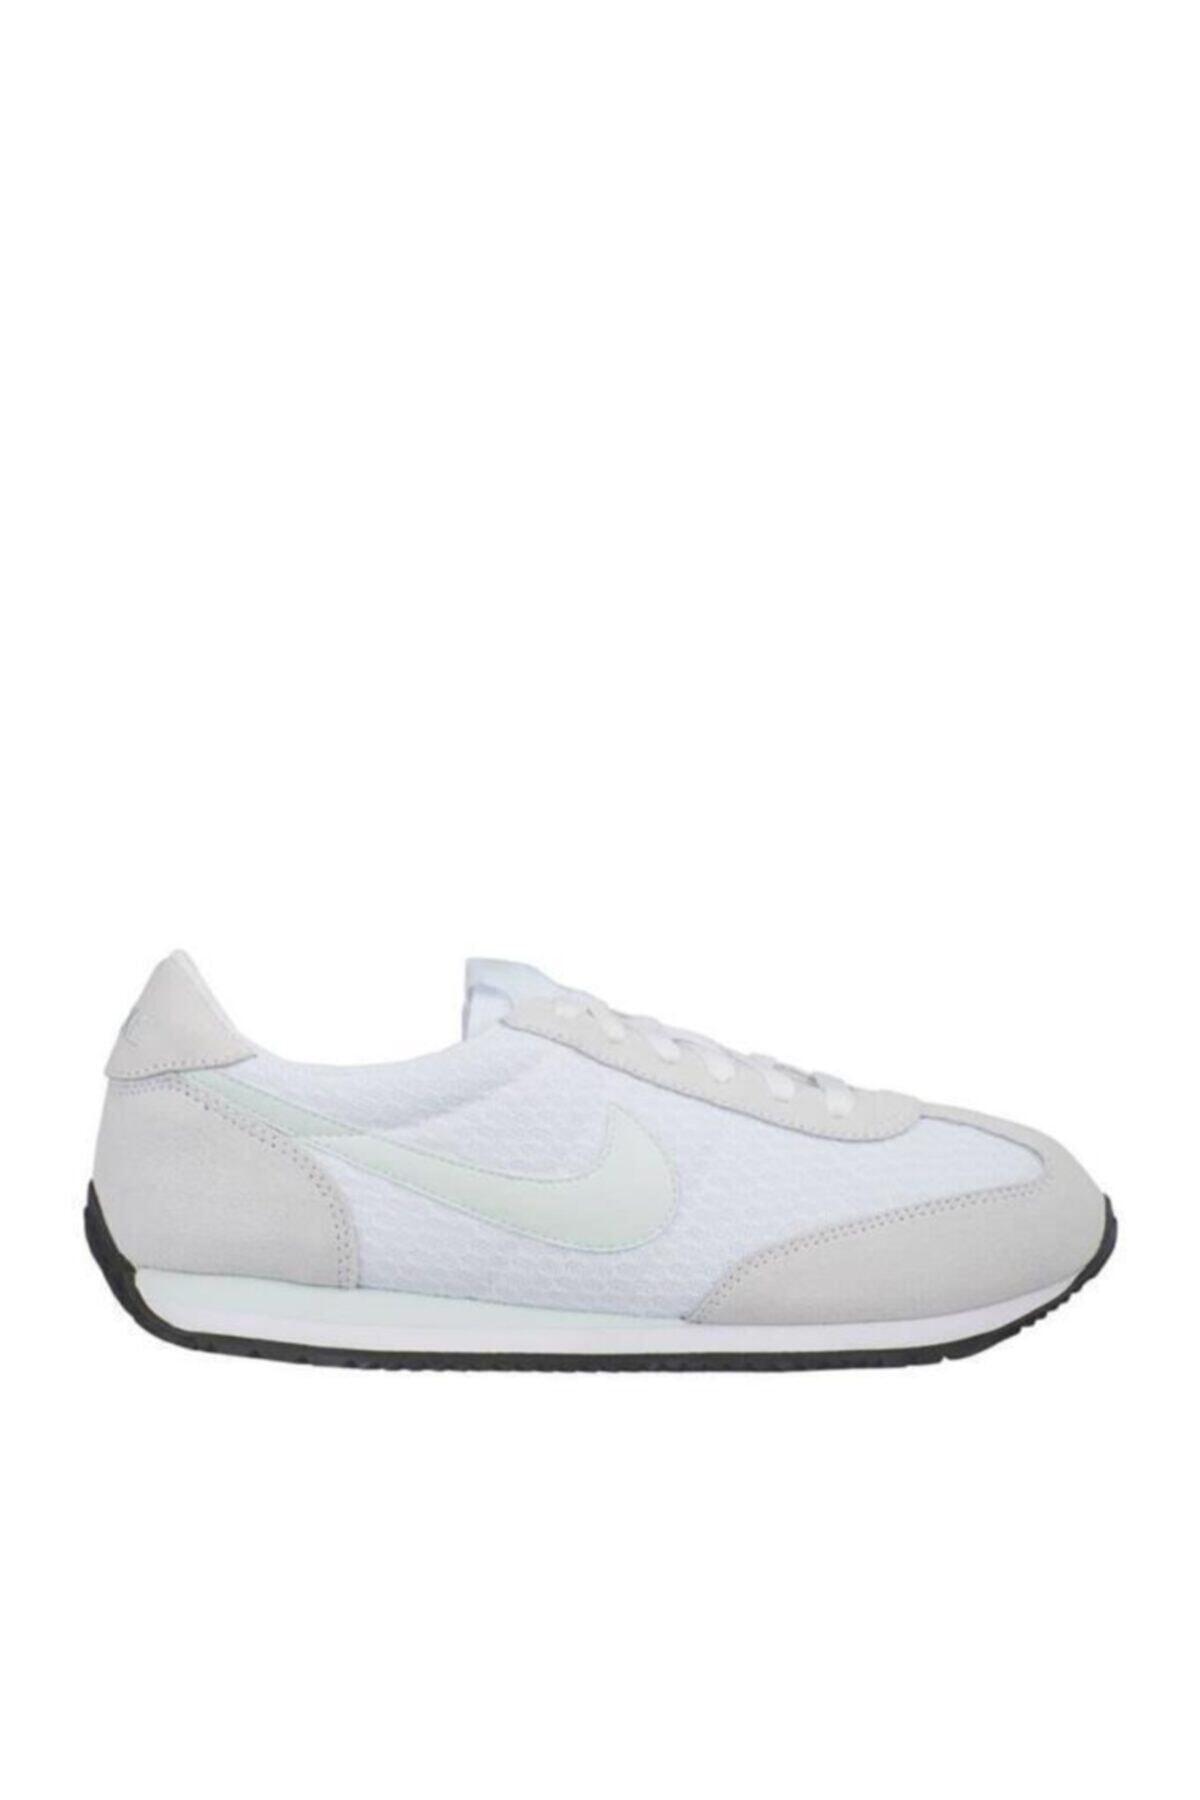 Nike Kadın Beyaz Spor Ayakkabısı 511880-103 1